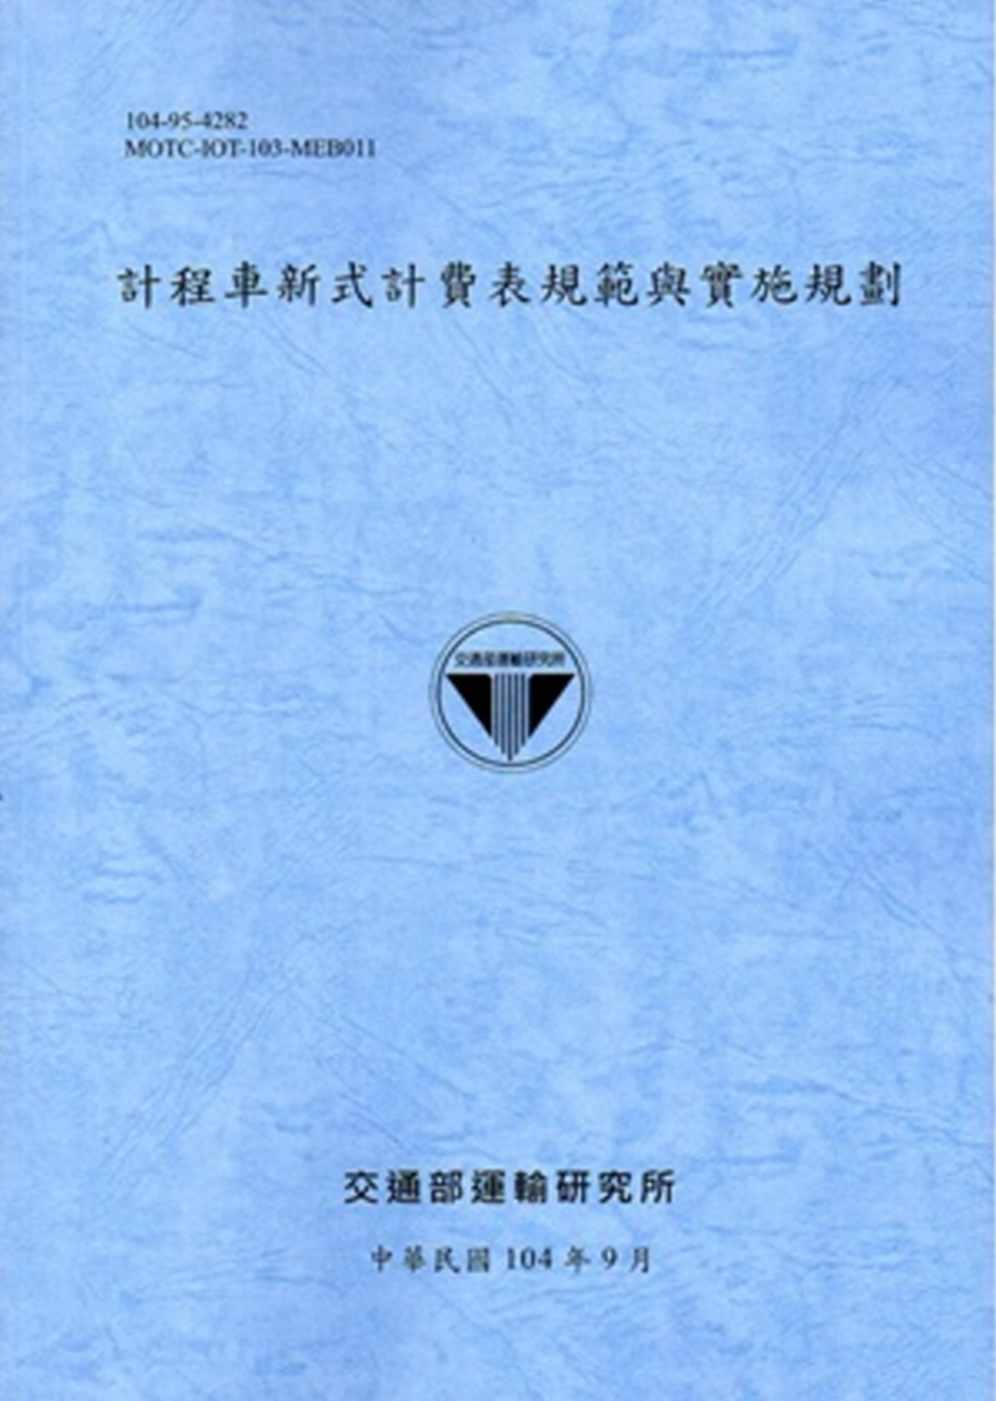 計程車新式計費表規範與實施規劃 [104淺藍]